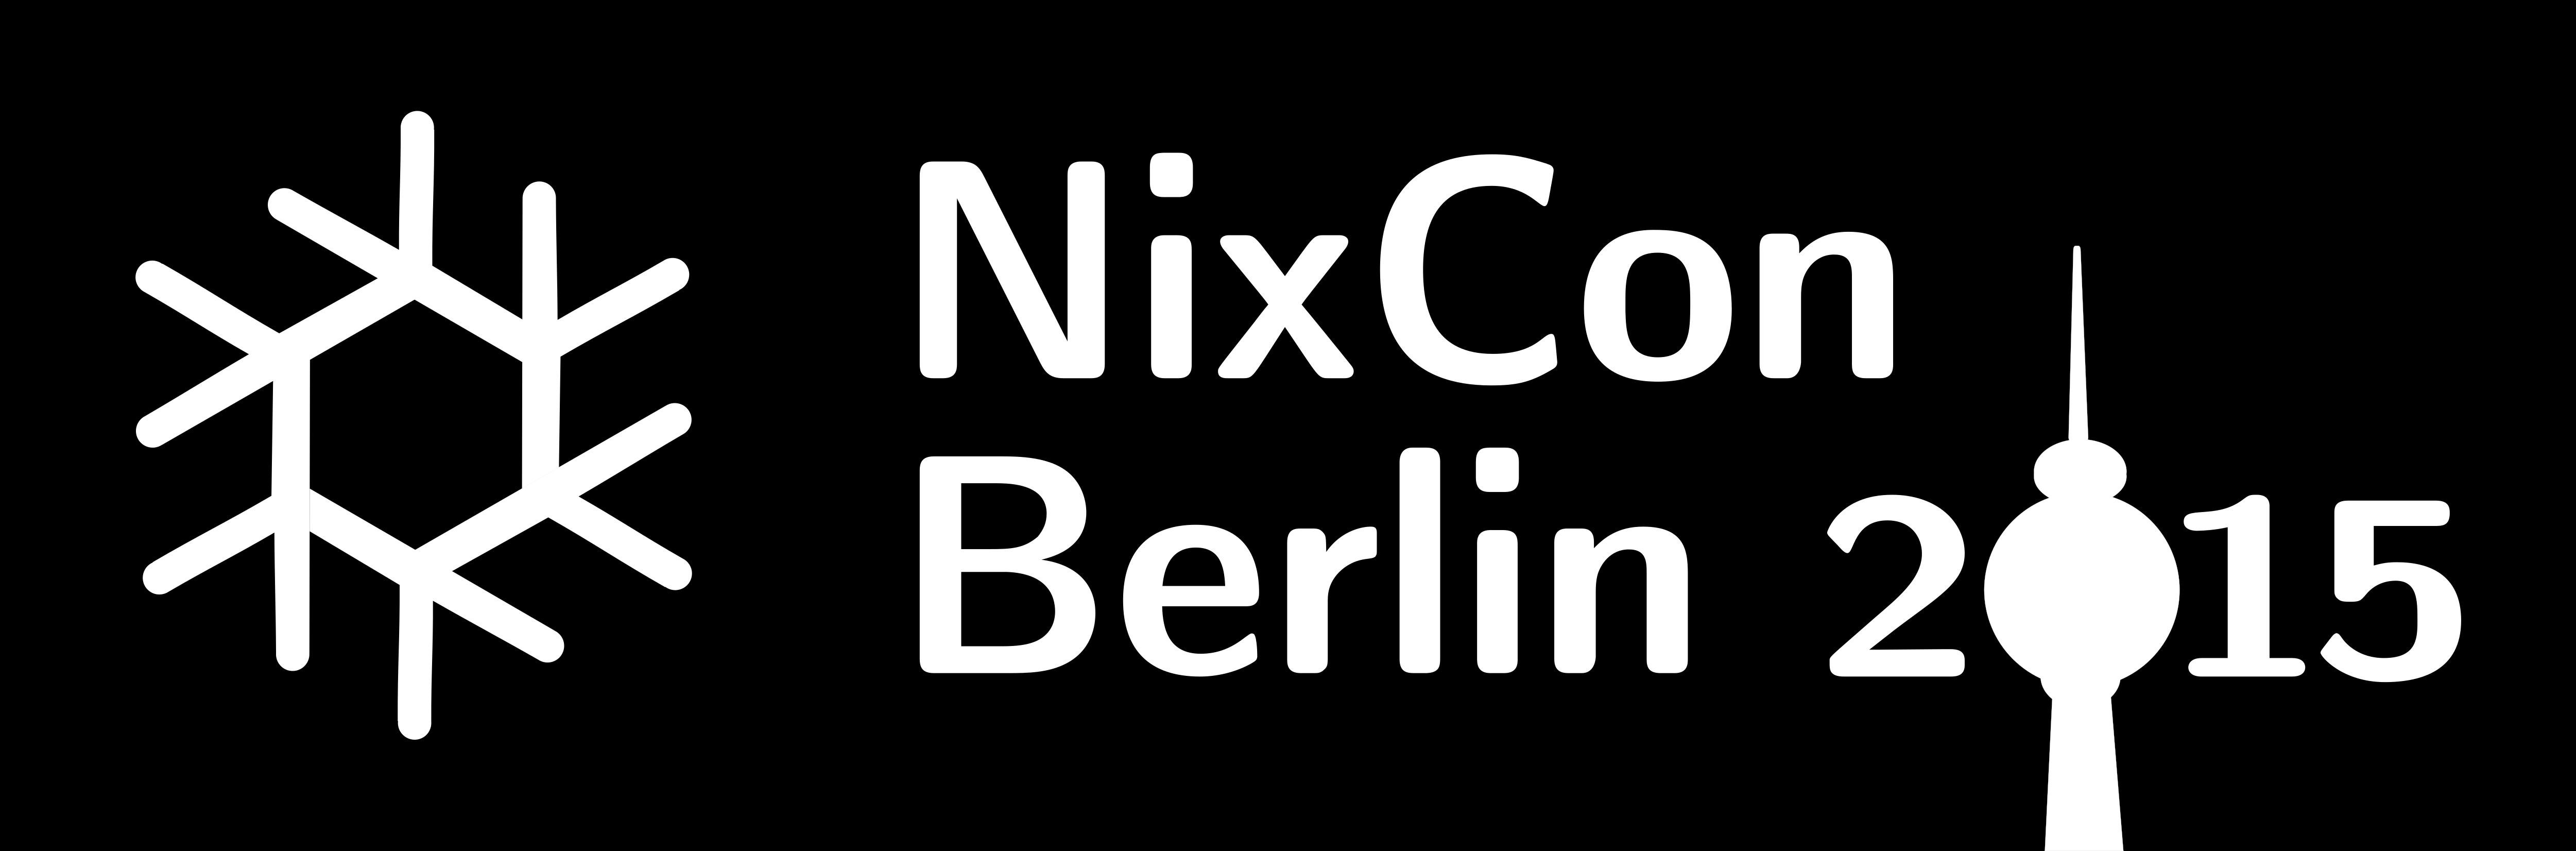 NixCon logo